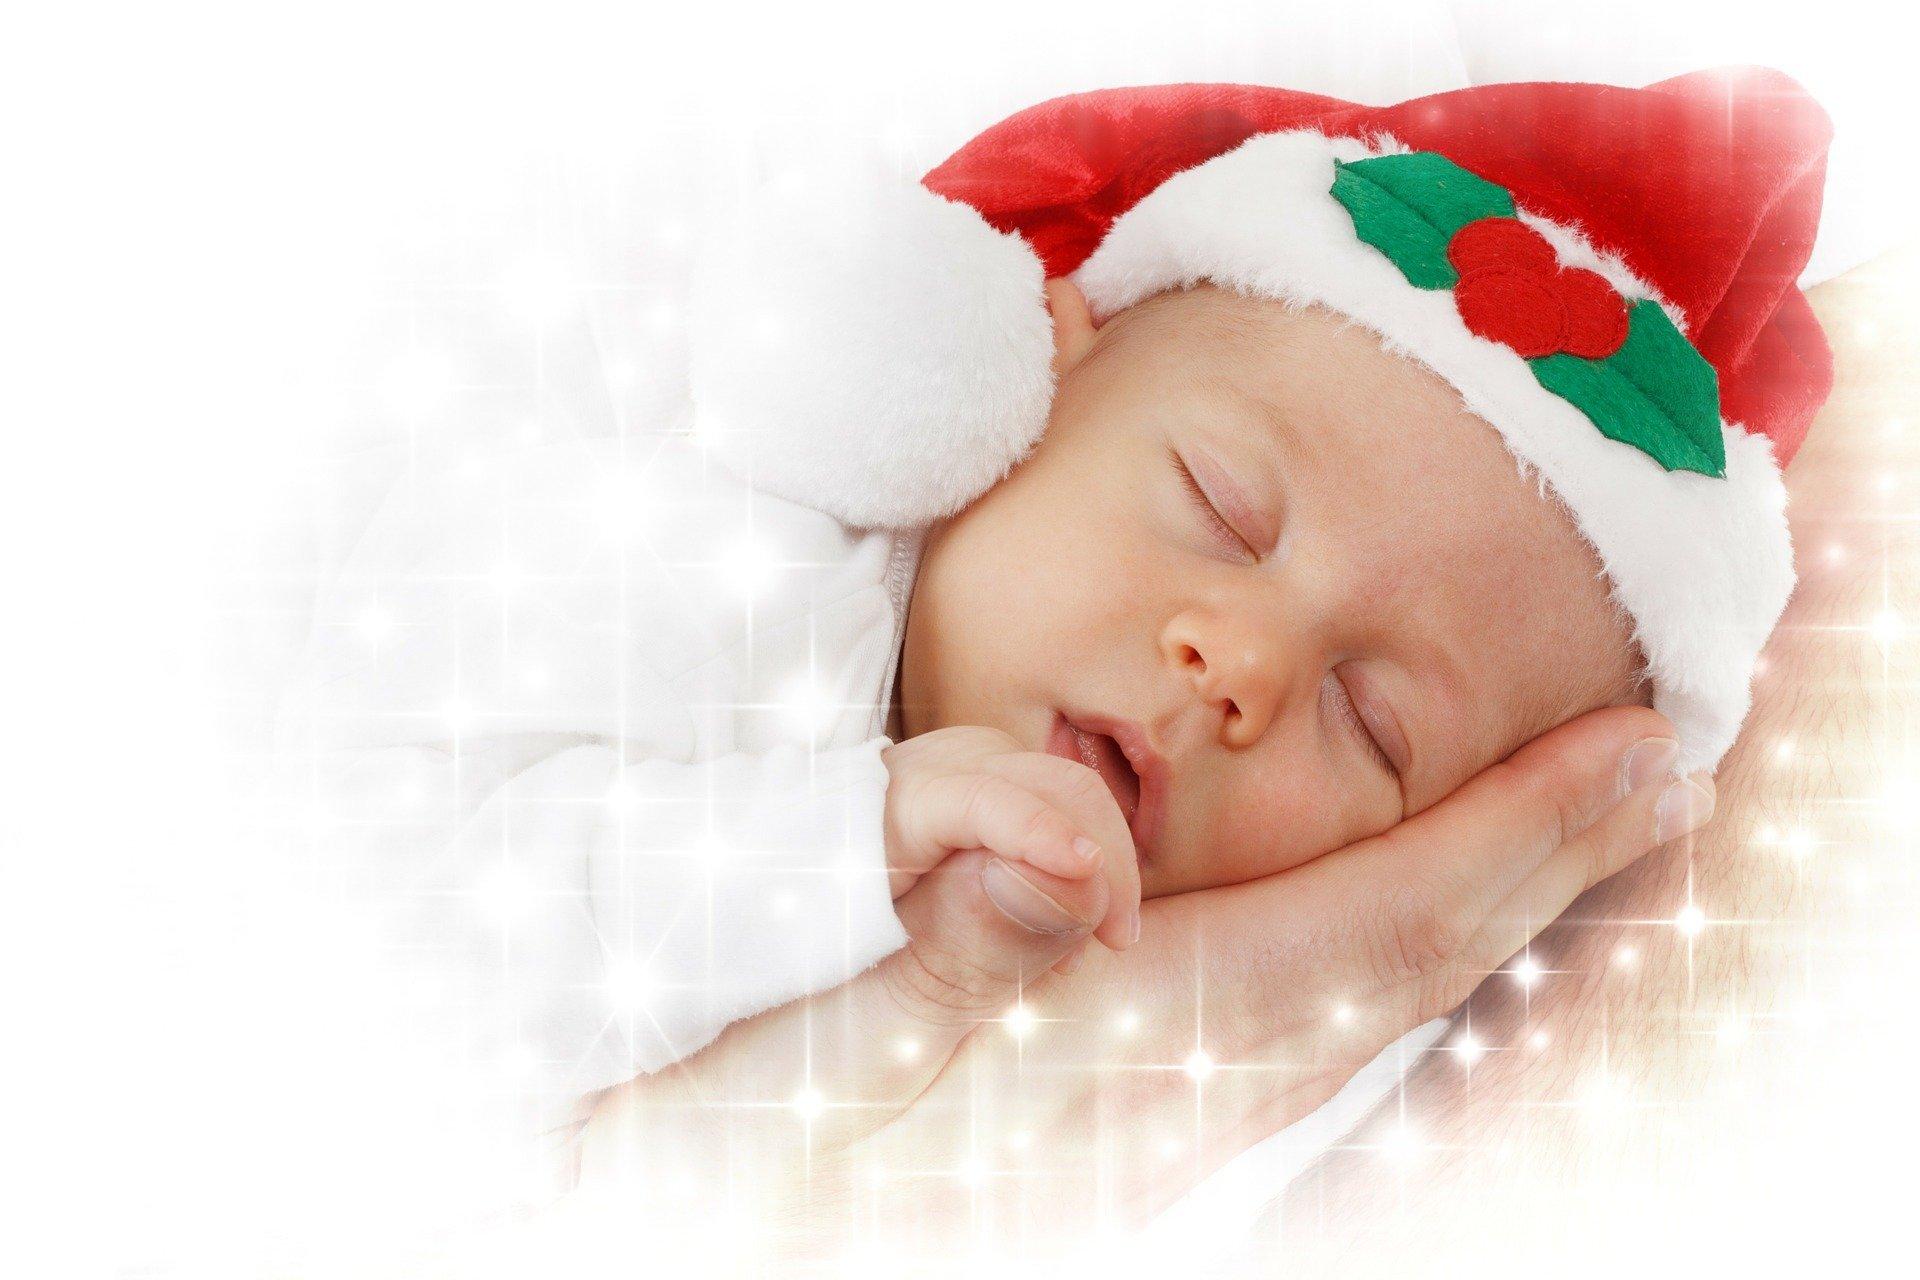 piosenka świąteczna What child is this dla dzieci po angielsku, tekst i melodia